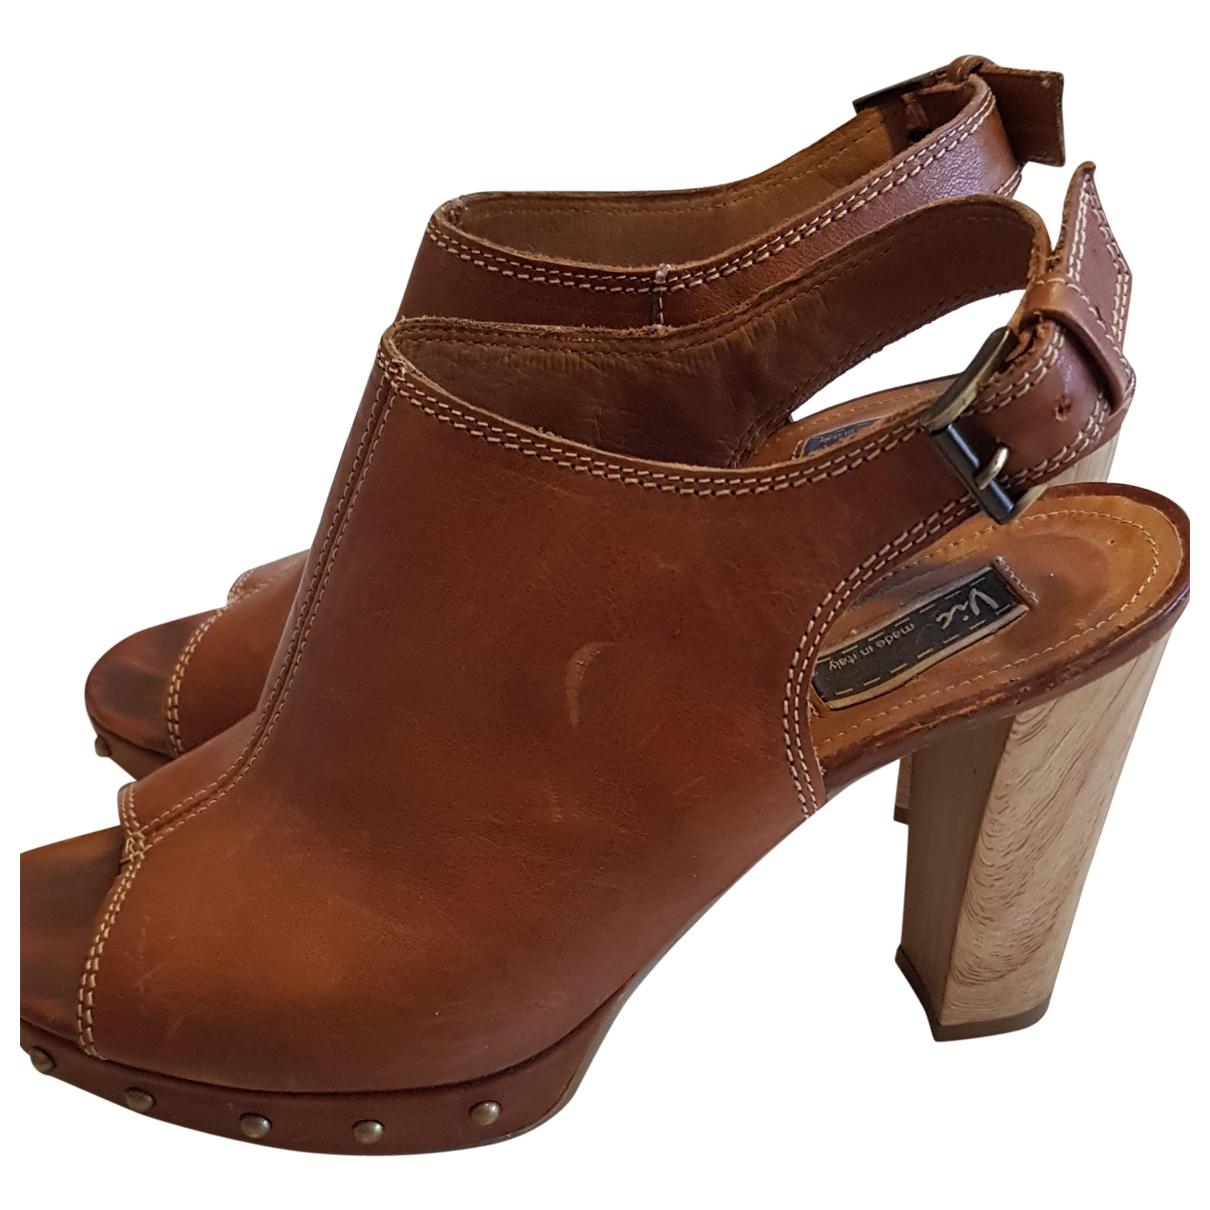 Vic Matie - Sabots   pour femme en cuir - marron